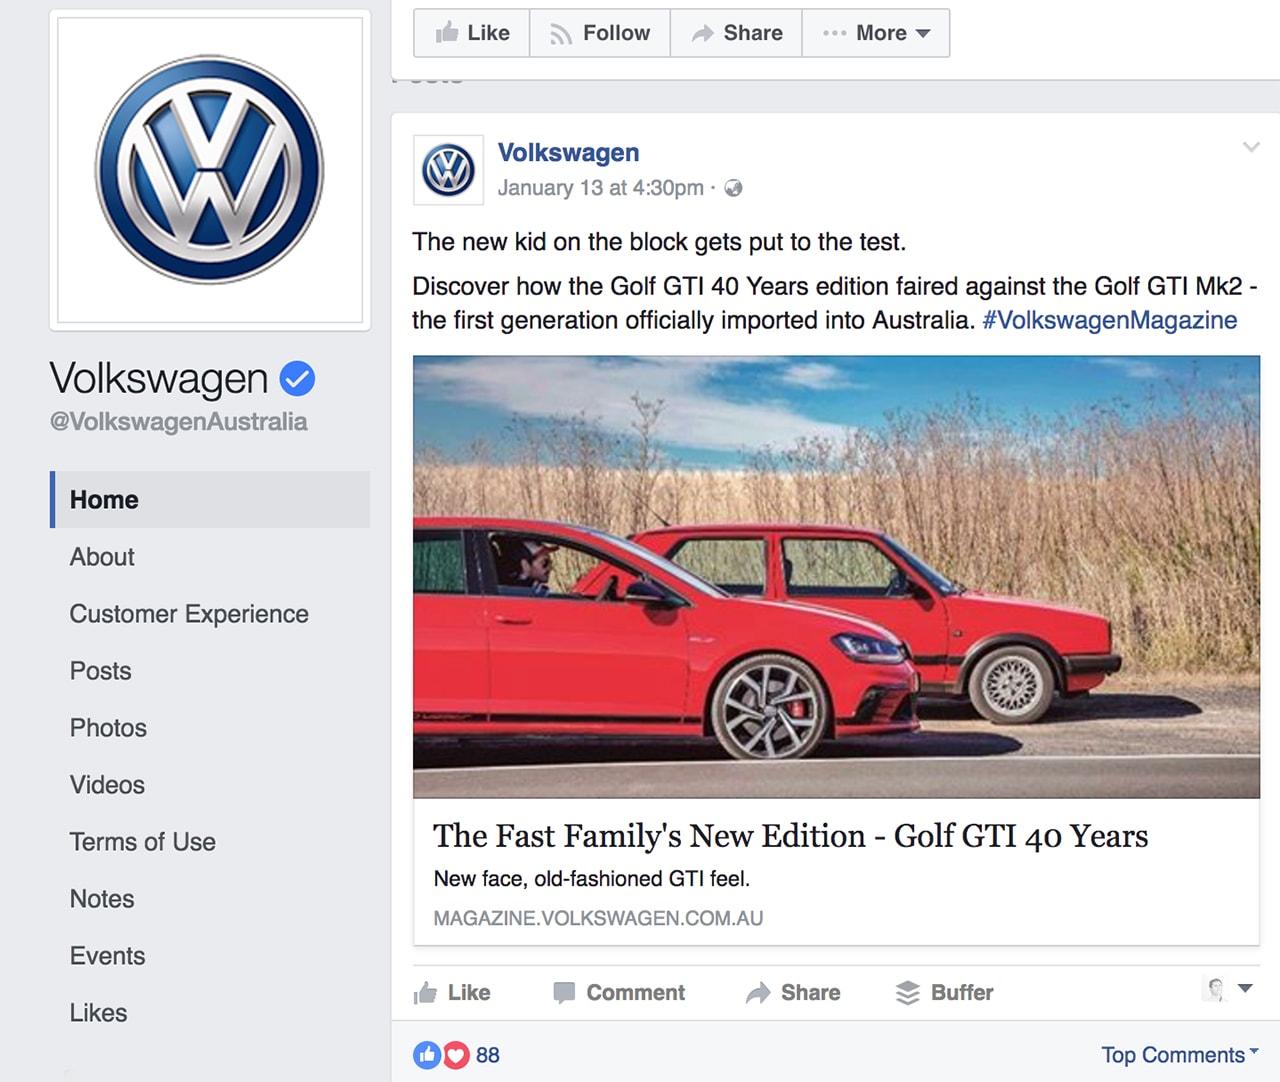 Volkwagen visual content tactics on Facebook